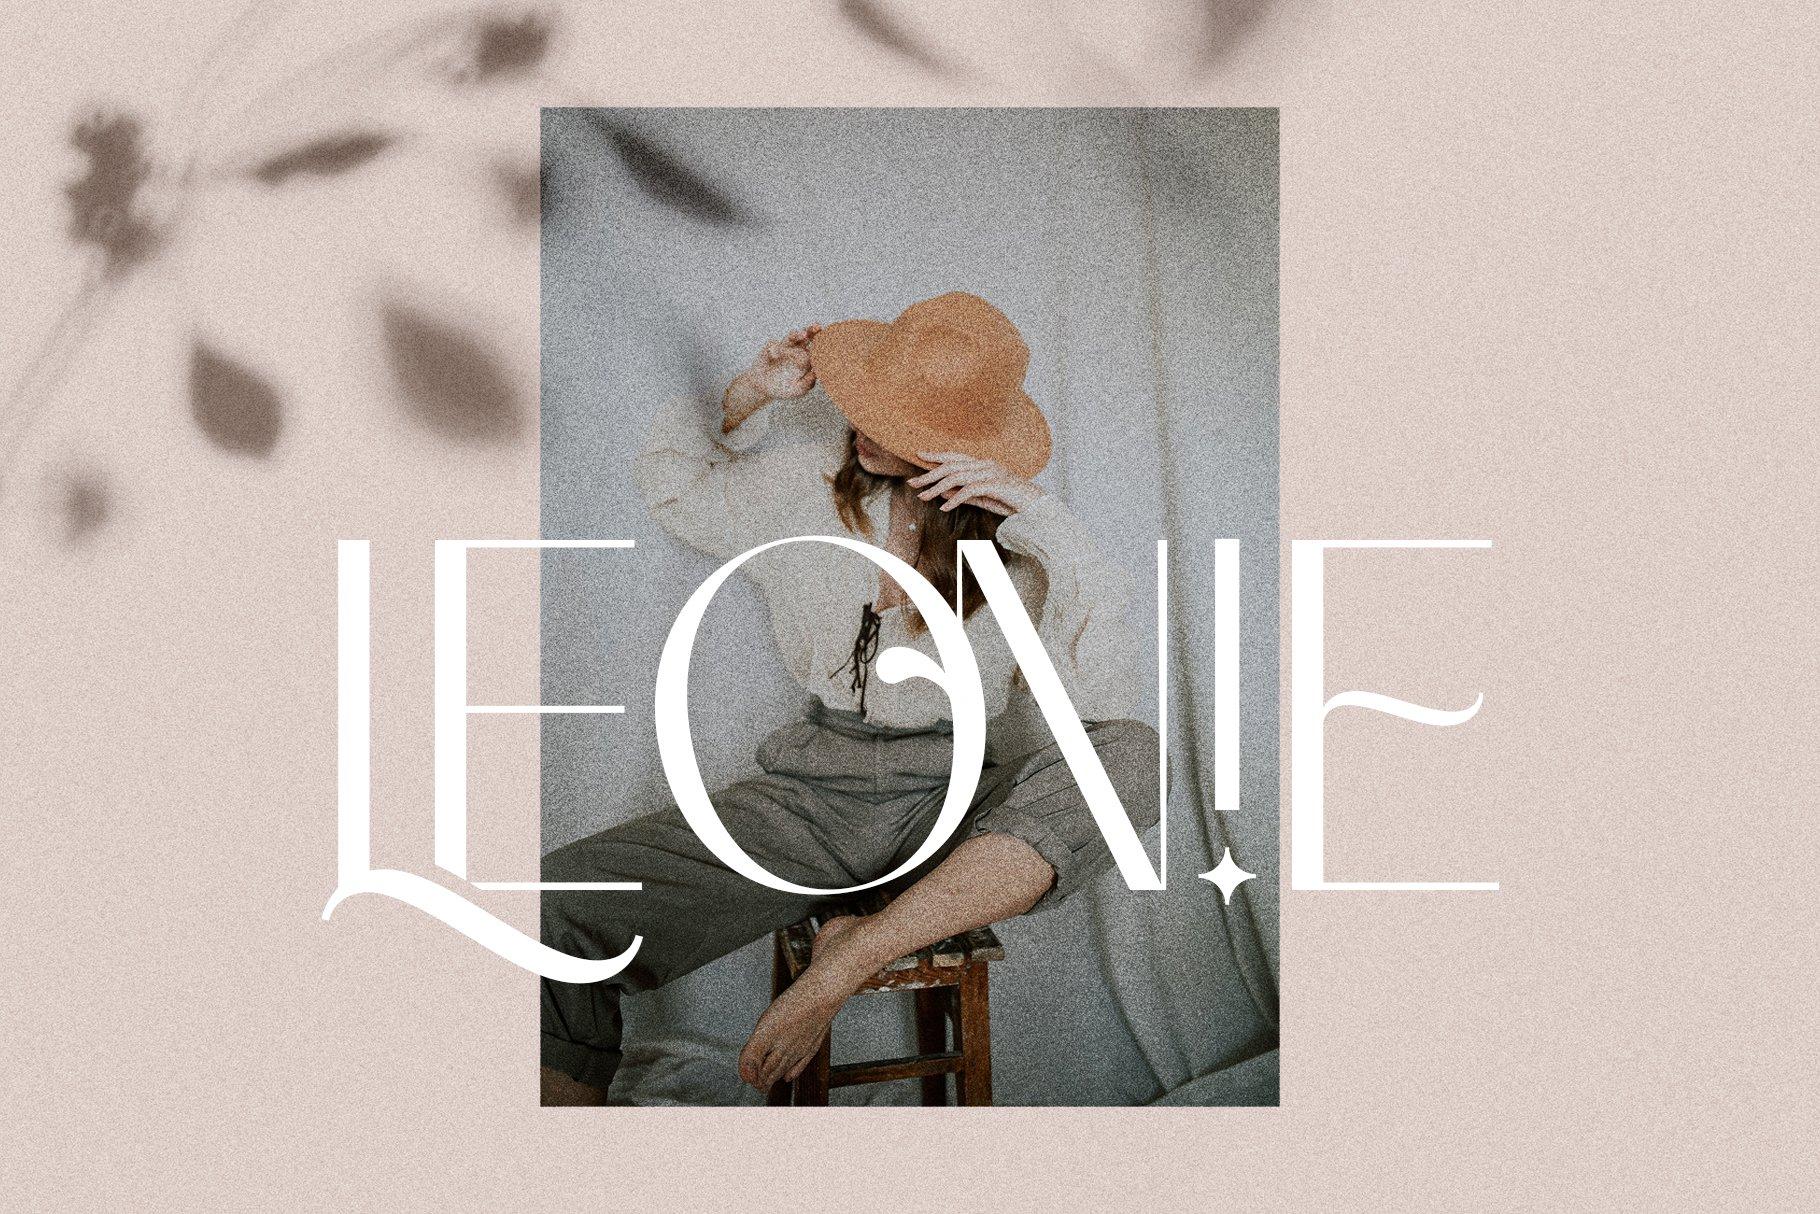 Celine - Chic Ligature Sans Font & Extras example image 22